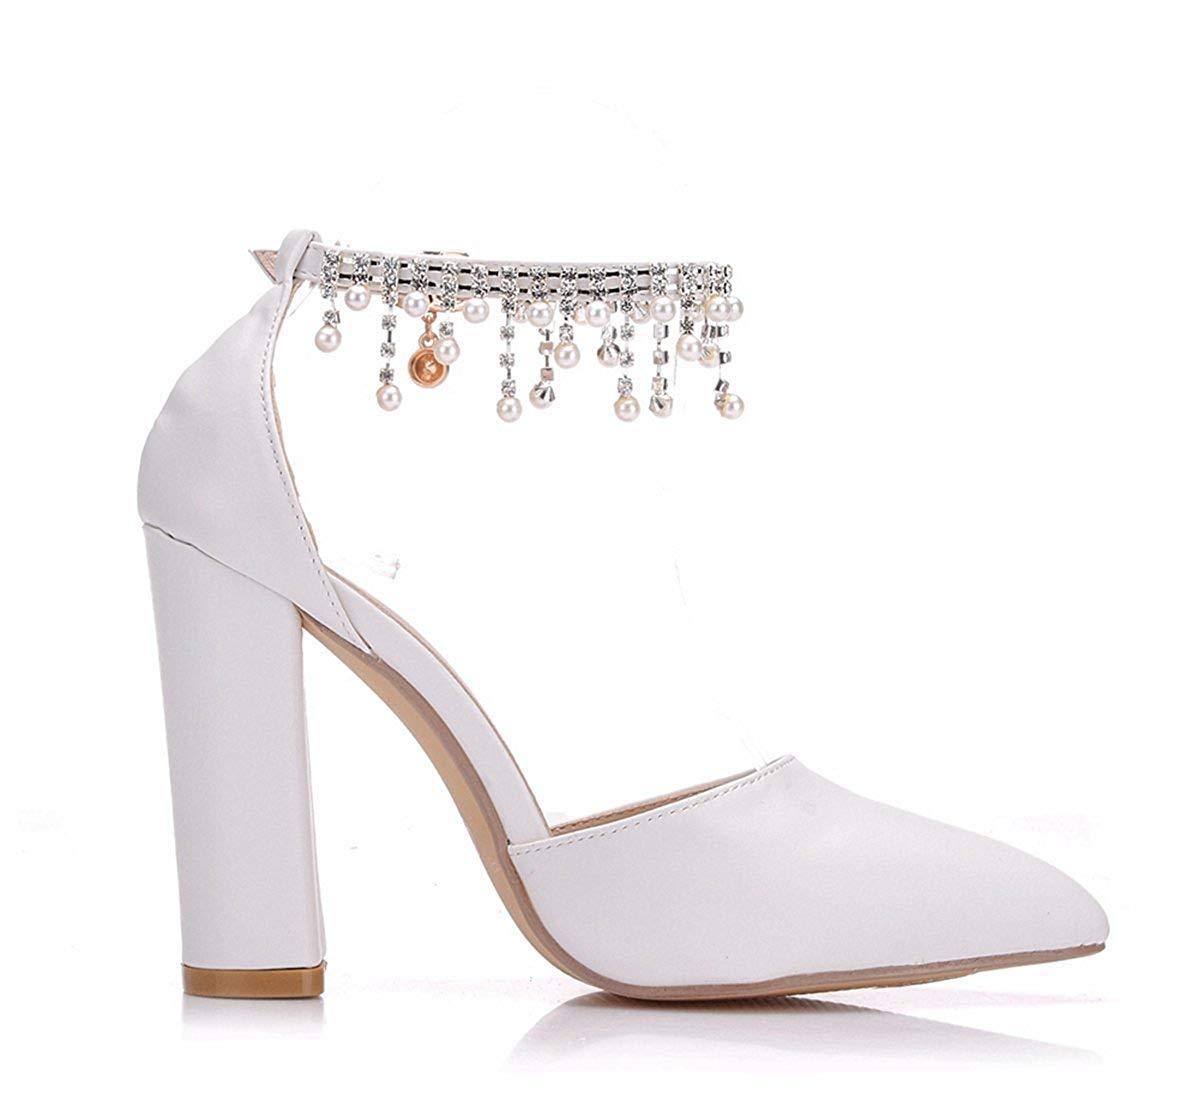 HhGold HhGold HhGold Damen Knöchel Ketten Chunky High Heel Satin Braut Hochzeit Mode Pumps (Farbe   Weiß-9cm Heel, Größe   7 UK) 6acc80